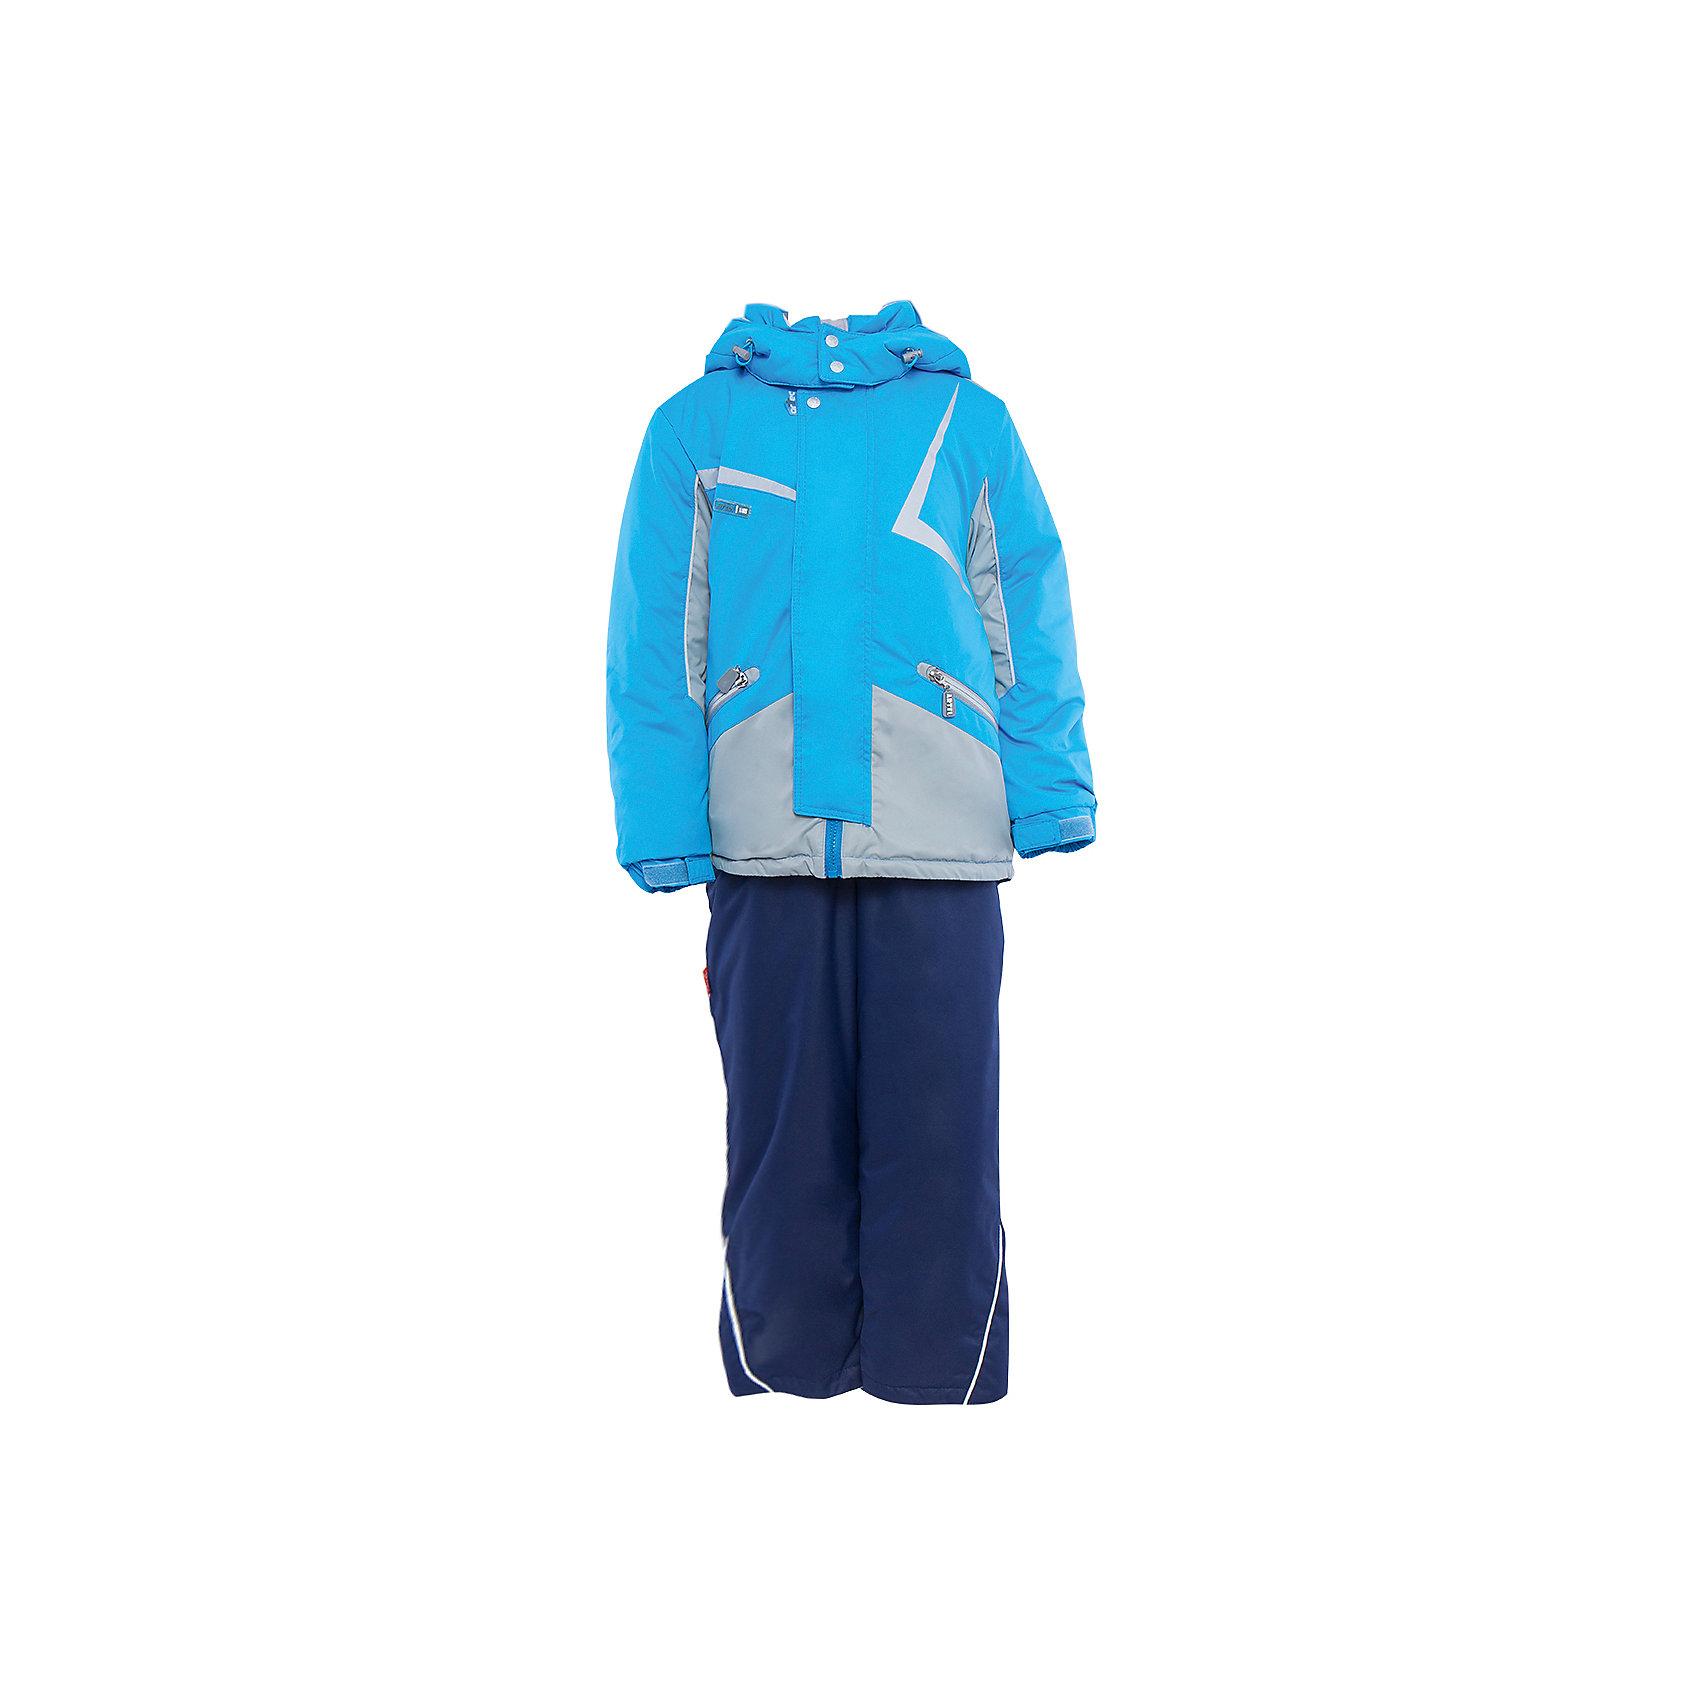 Комплект: куртка и полукомбинезон для мальчика АртельВерхняя одежда<br>Комплект: куртка и полукомбинезон для мальчика от известного бренда Артель<br>Комплект на современном утеплителеиз мембранной ткани, позволит ребенку долго гулять даже в самую слякотную погоду, кататься с мокрых горок и не промокнуть. Куртка выполнена из мембранной ткани . Функцию дополнительной защиты от ветра выполняют: глубокий капюшон с резинкой и стопорами, кулиска с резинкой по низу куртки, дополнительная фиксация по краю рукава с регулируемой липучкой. По линии талии расположен пояс на резинке с декоративной пряжкой. У полукомбинезона регулируется длина бретелек. Внизу на штанишках есть дополнительная фиксация, в виде напульсника и застежки на липучку.<br>Состав:<br>Верх: LokkerPoint<br>Подкладка: микрофлис, пэ<br>Утеплитель: TermoFinn 200<br>Полукомбинезон:<br>Верх: LokkerPoint<br>Подкладка: флис, пэ<br>Утеплитель: TermoFinn 200<br>Верх: KB-703 HiPora<br><br>Ширина мм: 215<br>Глубина мм: 88<br>Высота мм: 191<br>Вес г: 336<br>Цвет: голубой<br>Возраст от месяцев: 60<br>Возраст до месяцев: 72<br>Пол: Мужской<br>Возраст: Детский<br>Размер: 116,146,122,128,134,140<br>SKU: 4963972